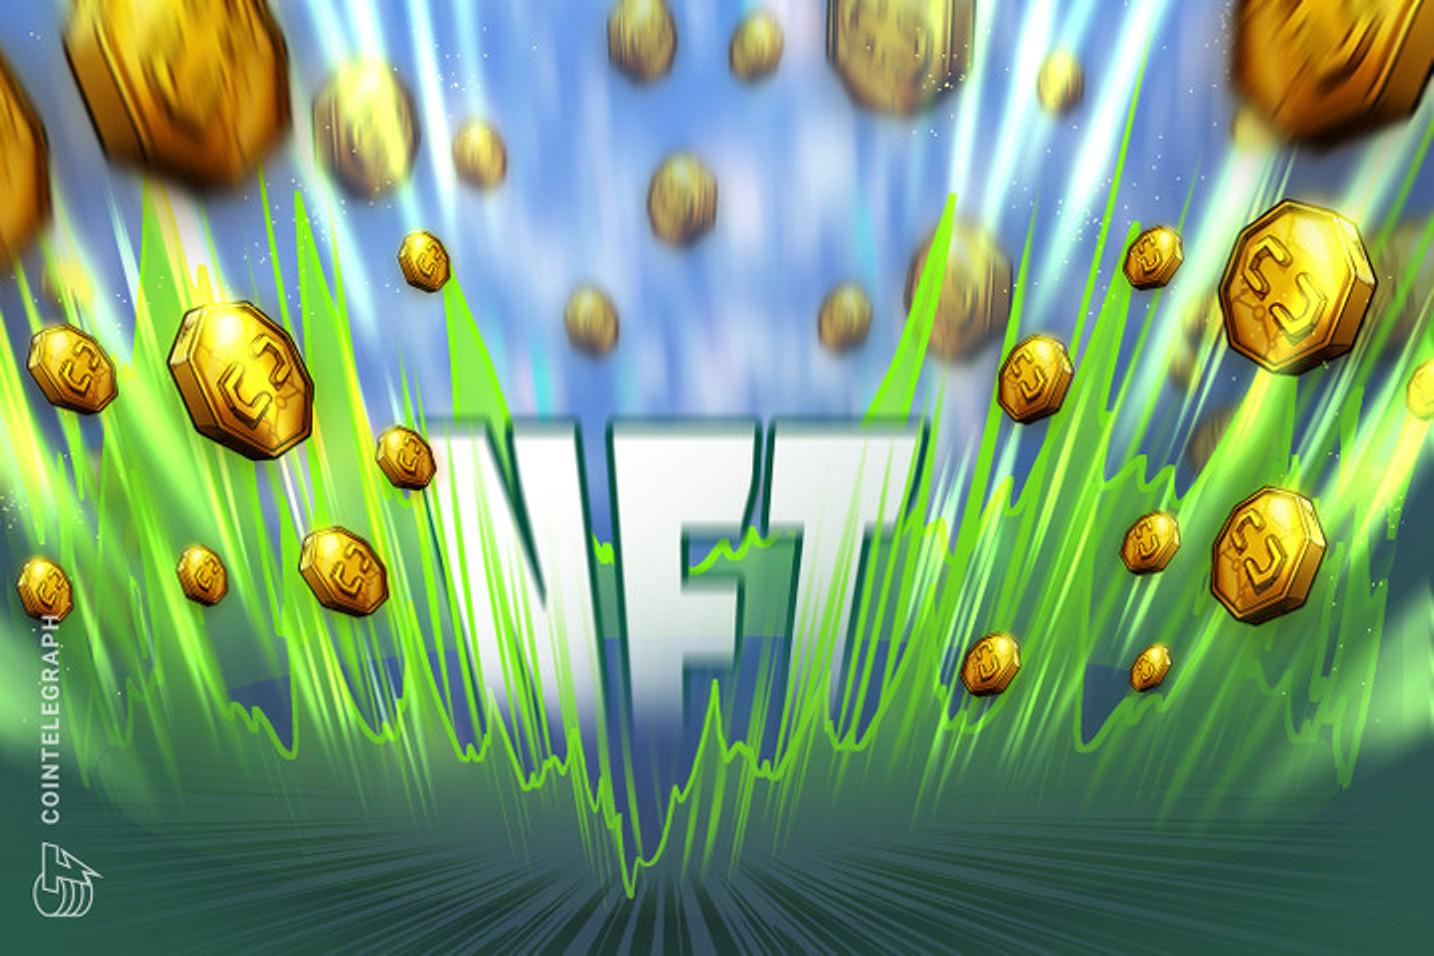 De acuerdo con el fundador de Widow Games, los NFT sirven para distribución descentralizada de activos de valor